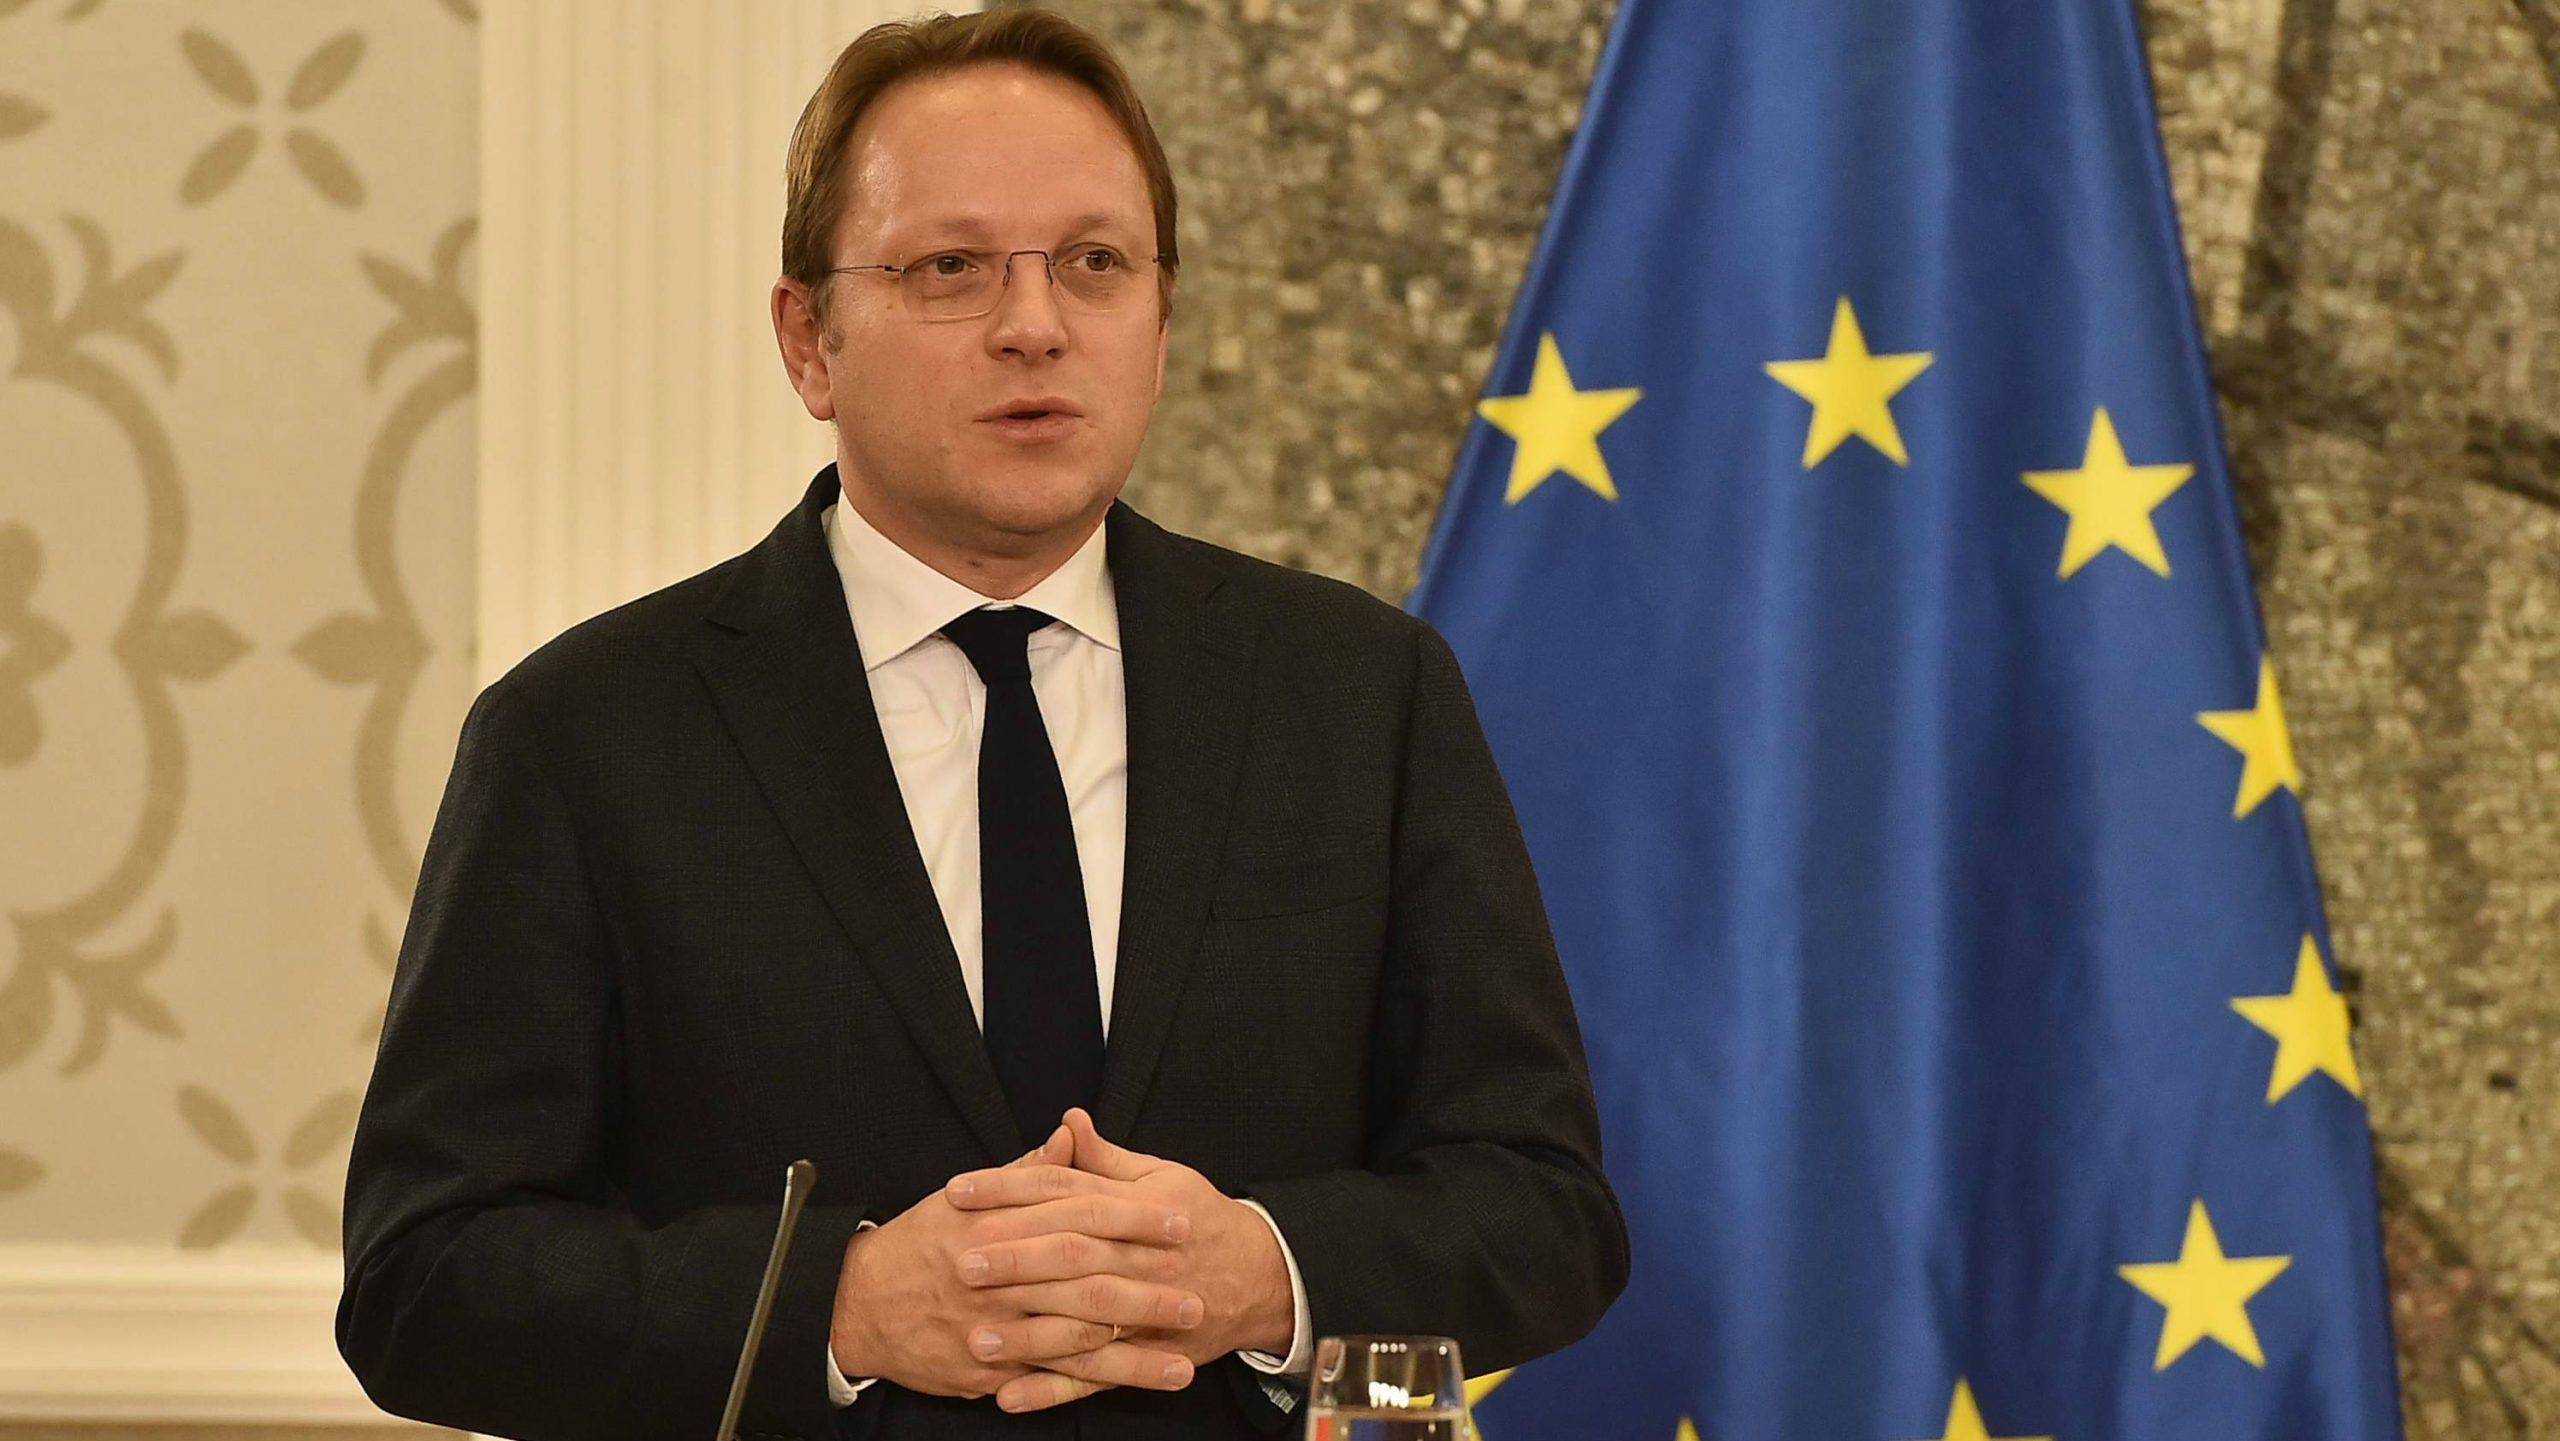 Varheji: EU će učiniti sve što može da ubrza pregovore o članstvu sa Crnom Gorom 16